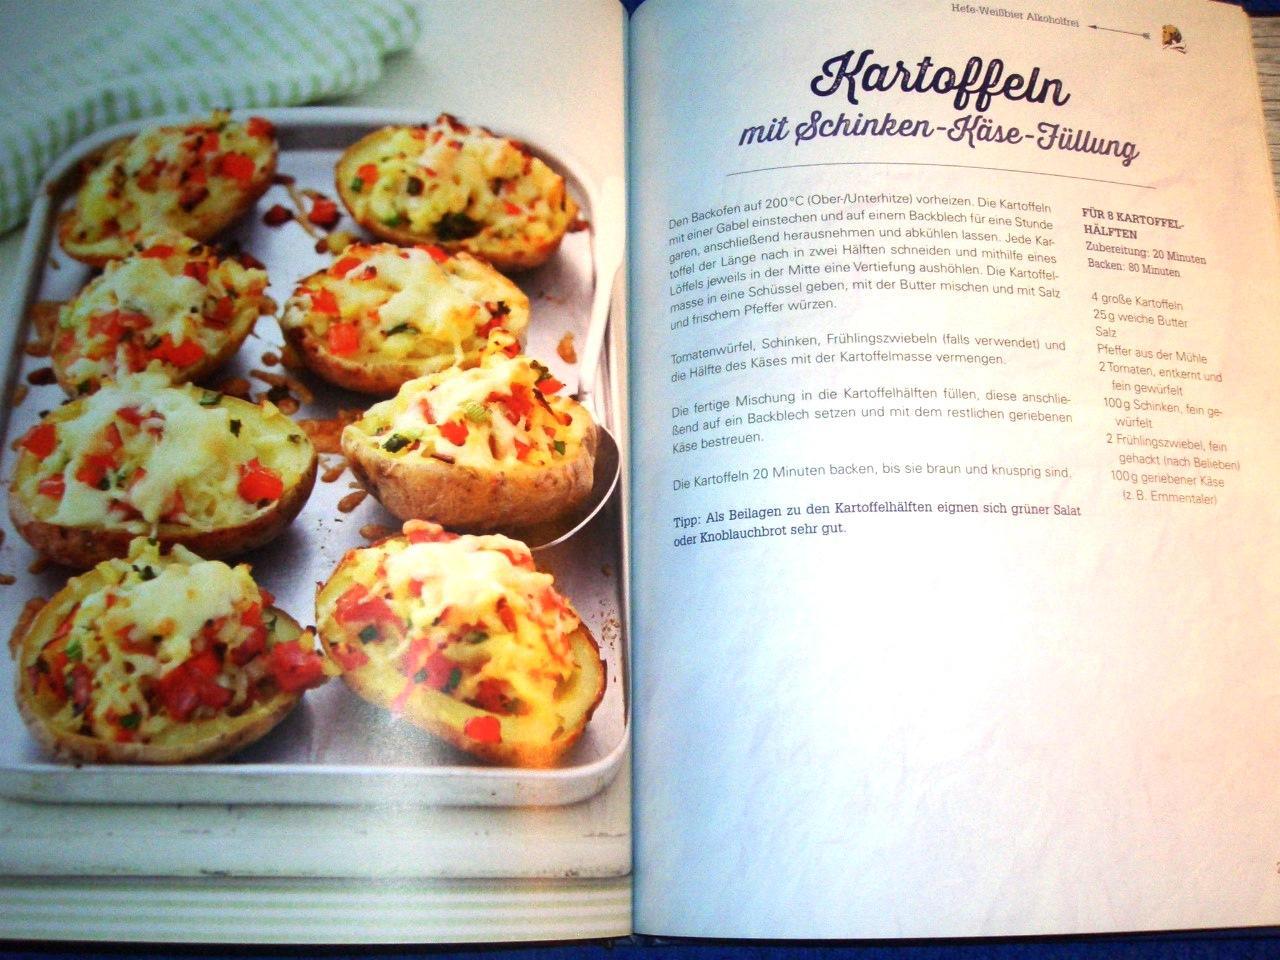 Biergartenkochbuch Bayerische Sommerküche : Biergartenkochbuch bayerische sommerküche: biergartenkochbuch von